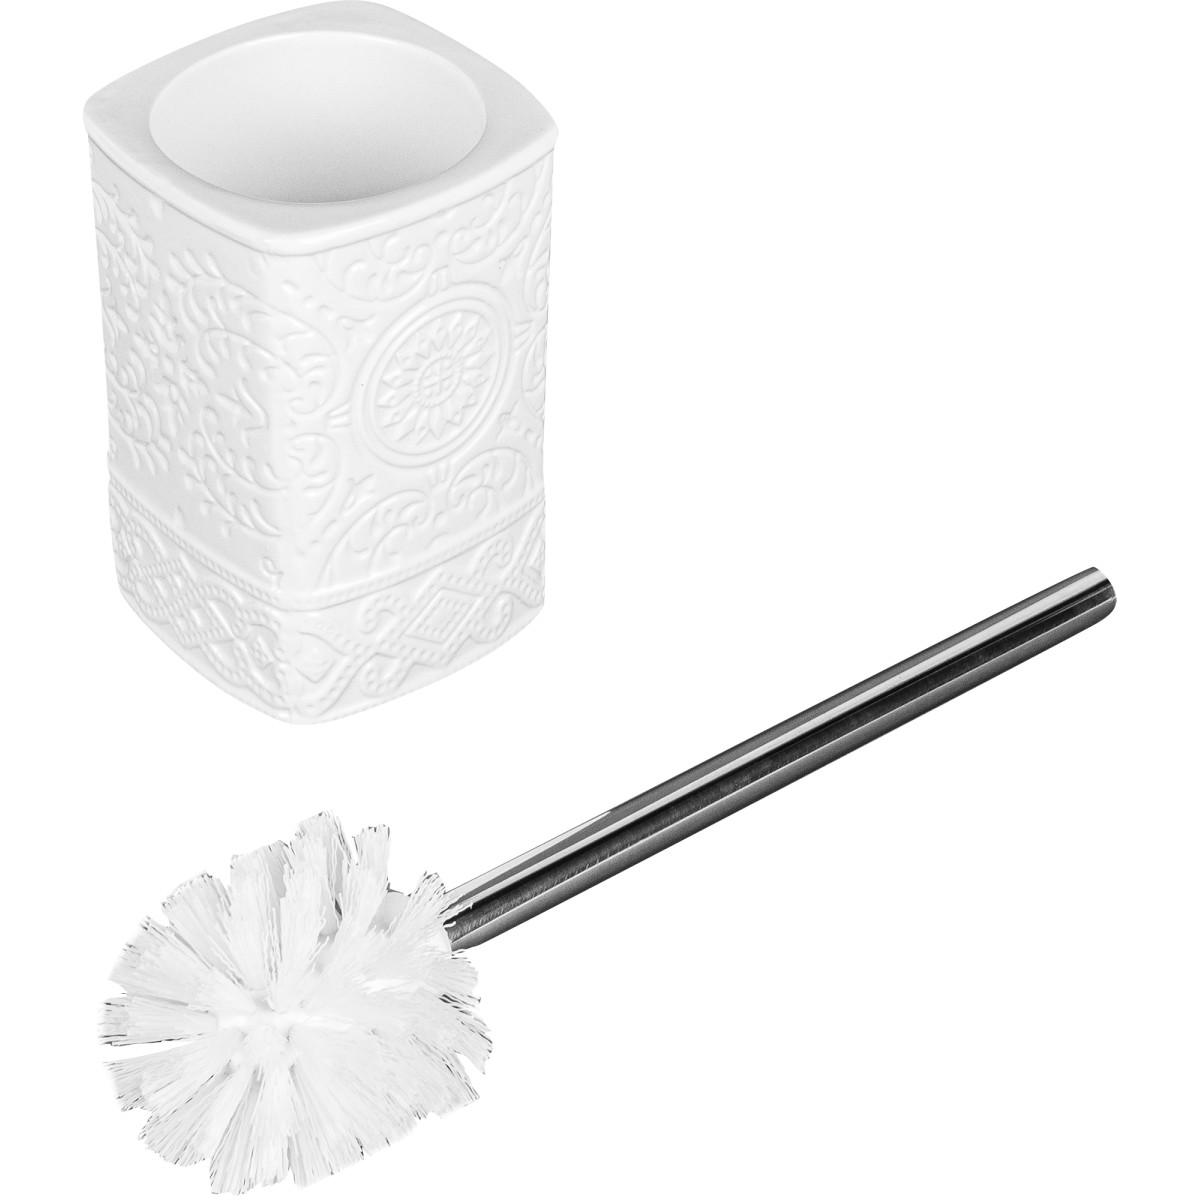 Ёршик Для Унитаза Напольный «Ажур» Керамика Цвет Белый